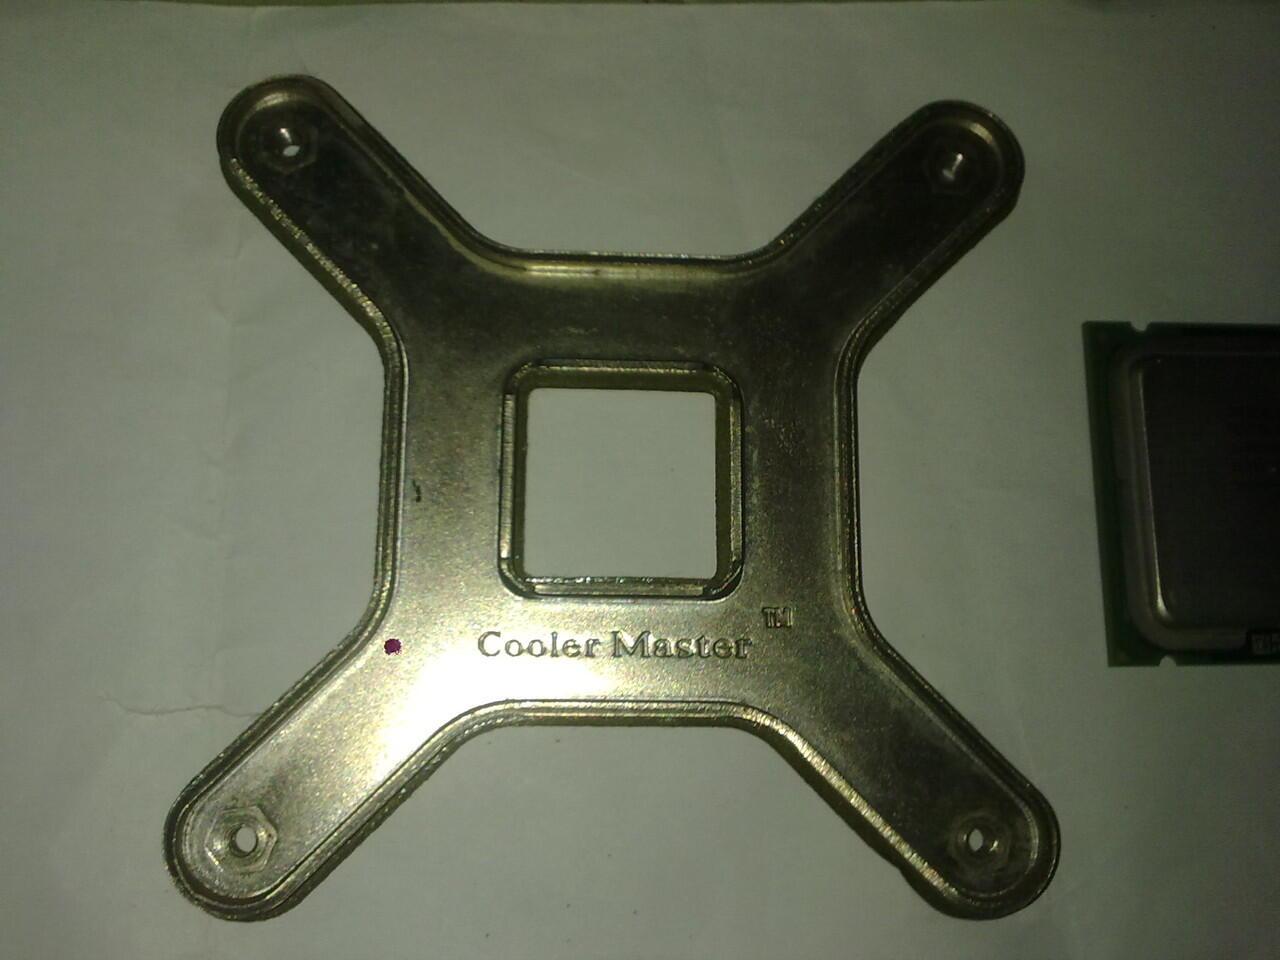 JUAL PENTIUM 4 - 520 2.88 GHZ + HEATSINK + KIPAS COOLER MASTER BONUS MOBO GIGABYTE